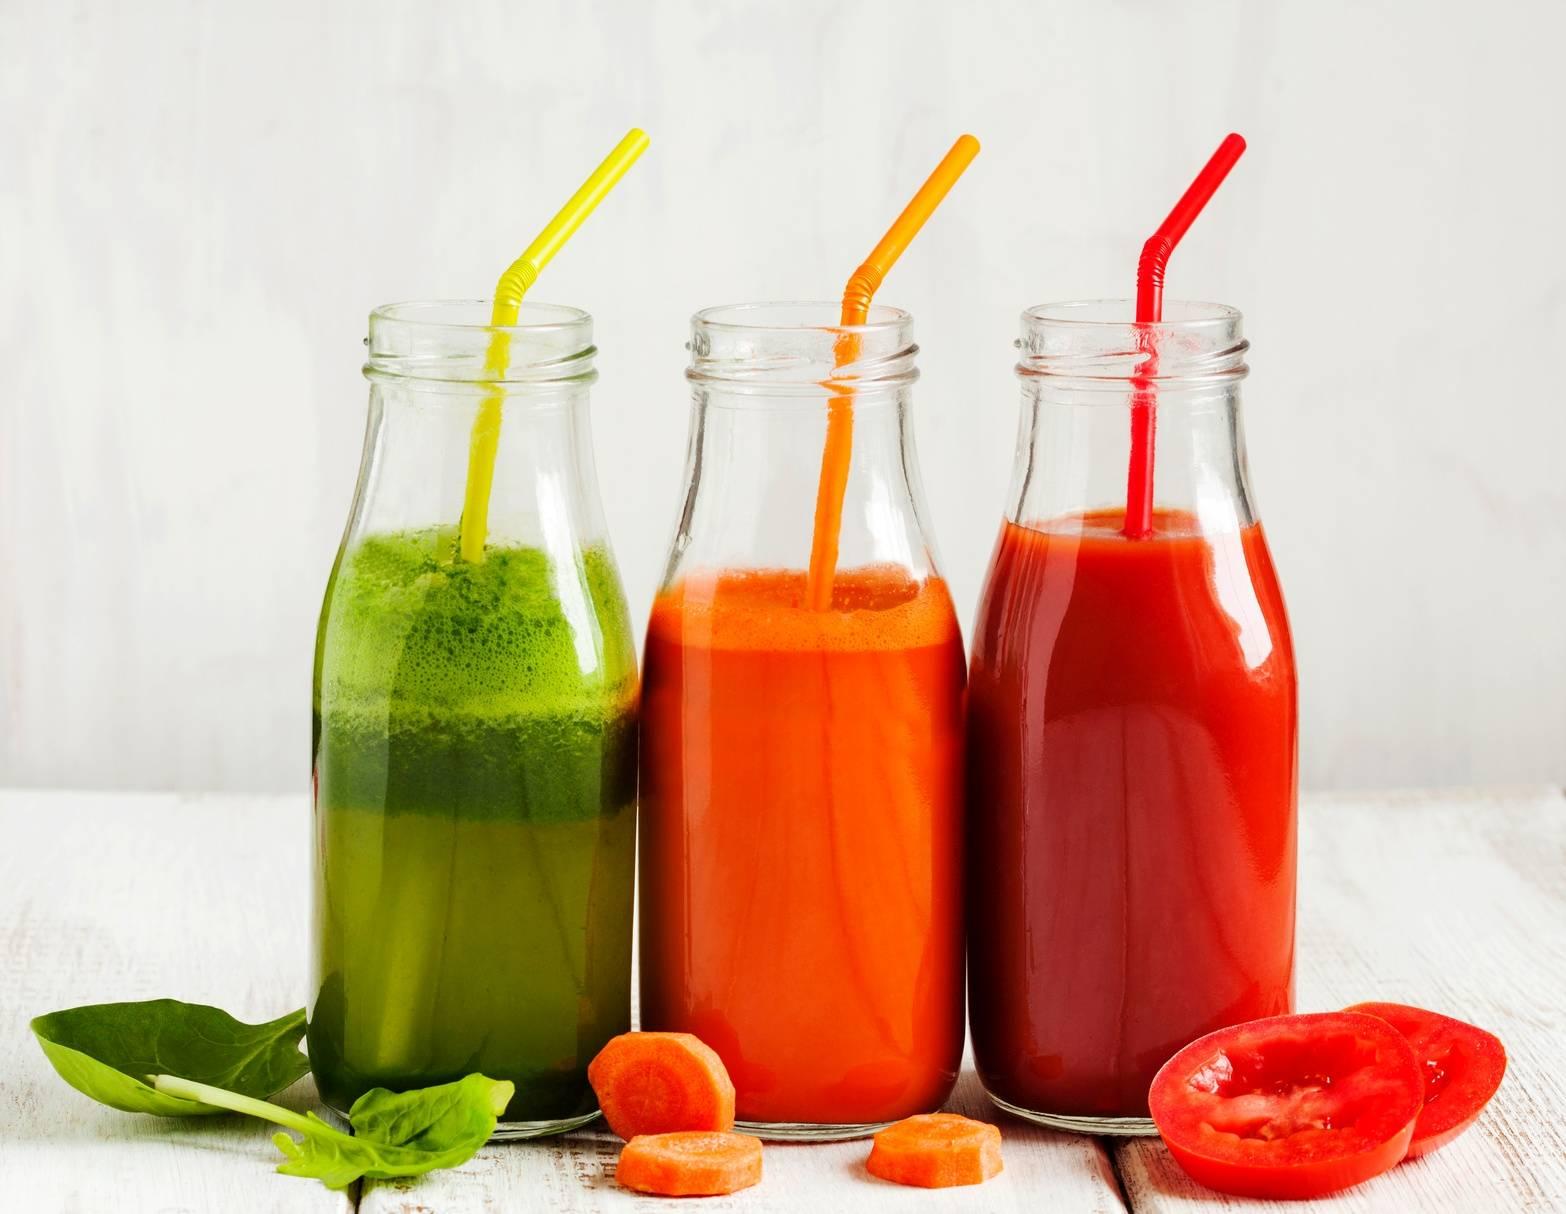 Sprawdź przepisy na soki z turbodoładowaniem - soki, koktajle i smoothie owocowo-warzywne.